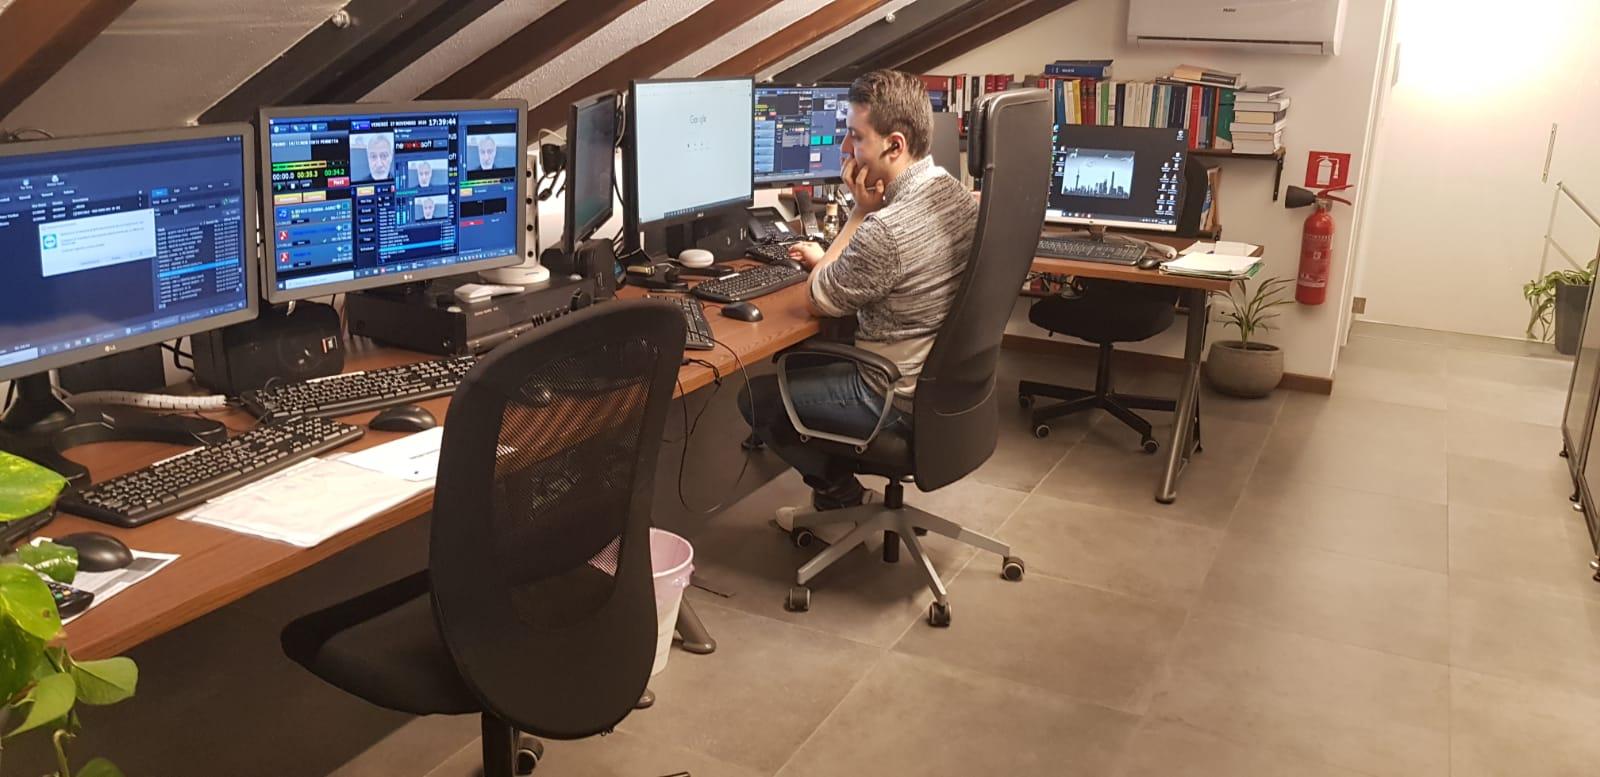 HBBTV IP Consultmedia Daniele Dabrosca play out farm - DTT. E' corsa alla HBBTV: il gate verso la tv IP dal digitale televisivo terrestre. Ecco le motivazioni che hanno fatto riscoprire una tecnologia del 2009